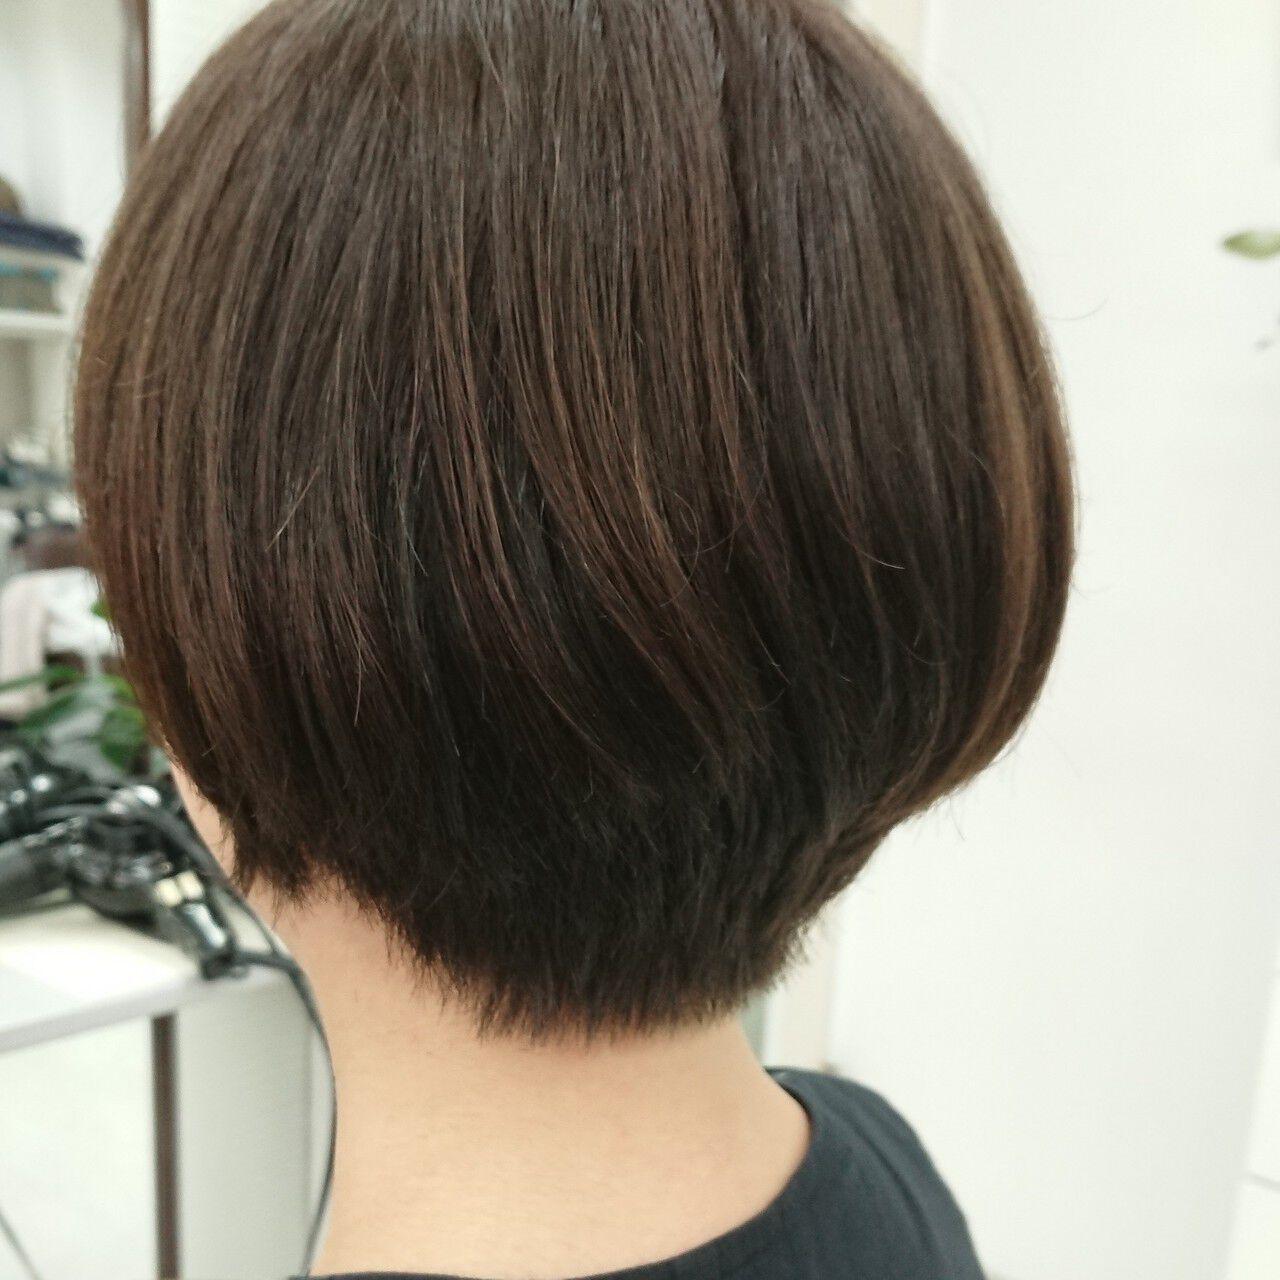 ベージュ ショートボブ ブラウンベージュ アッシュベージュヘアスタイルや髪型の写真・画像